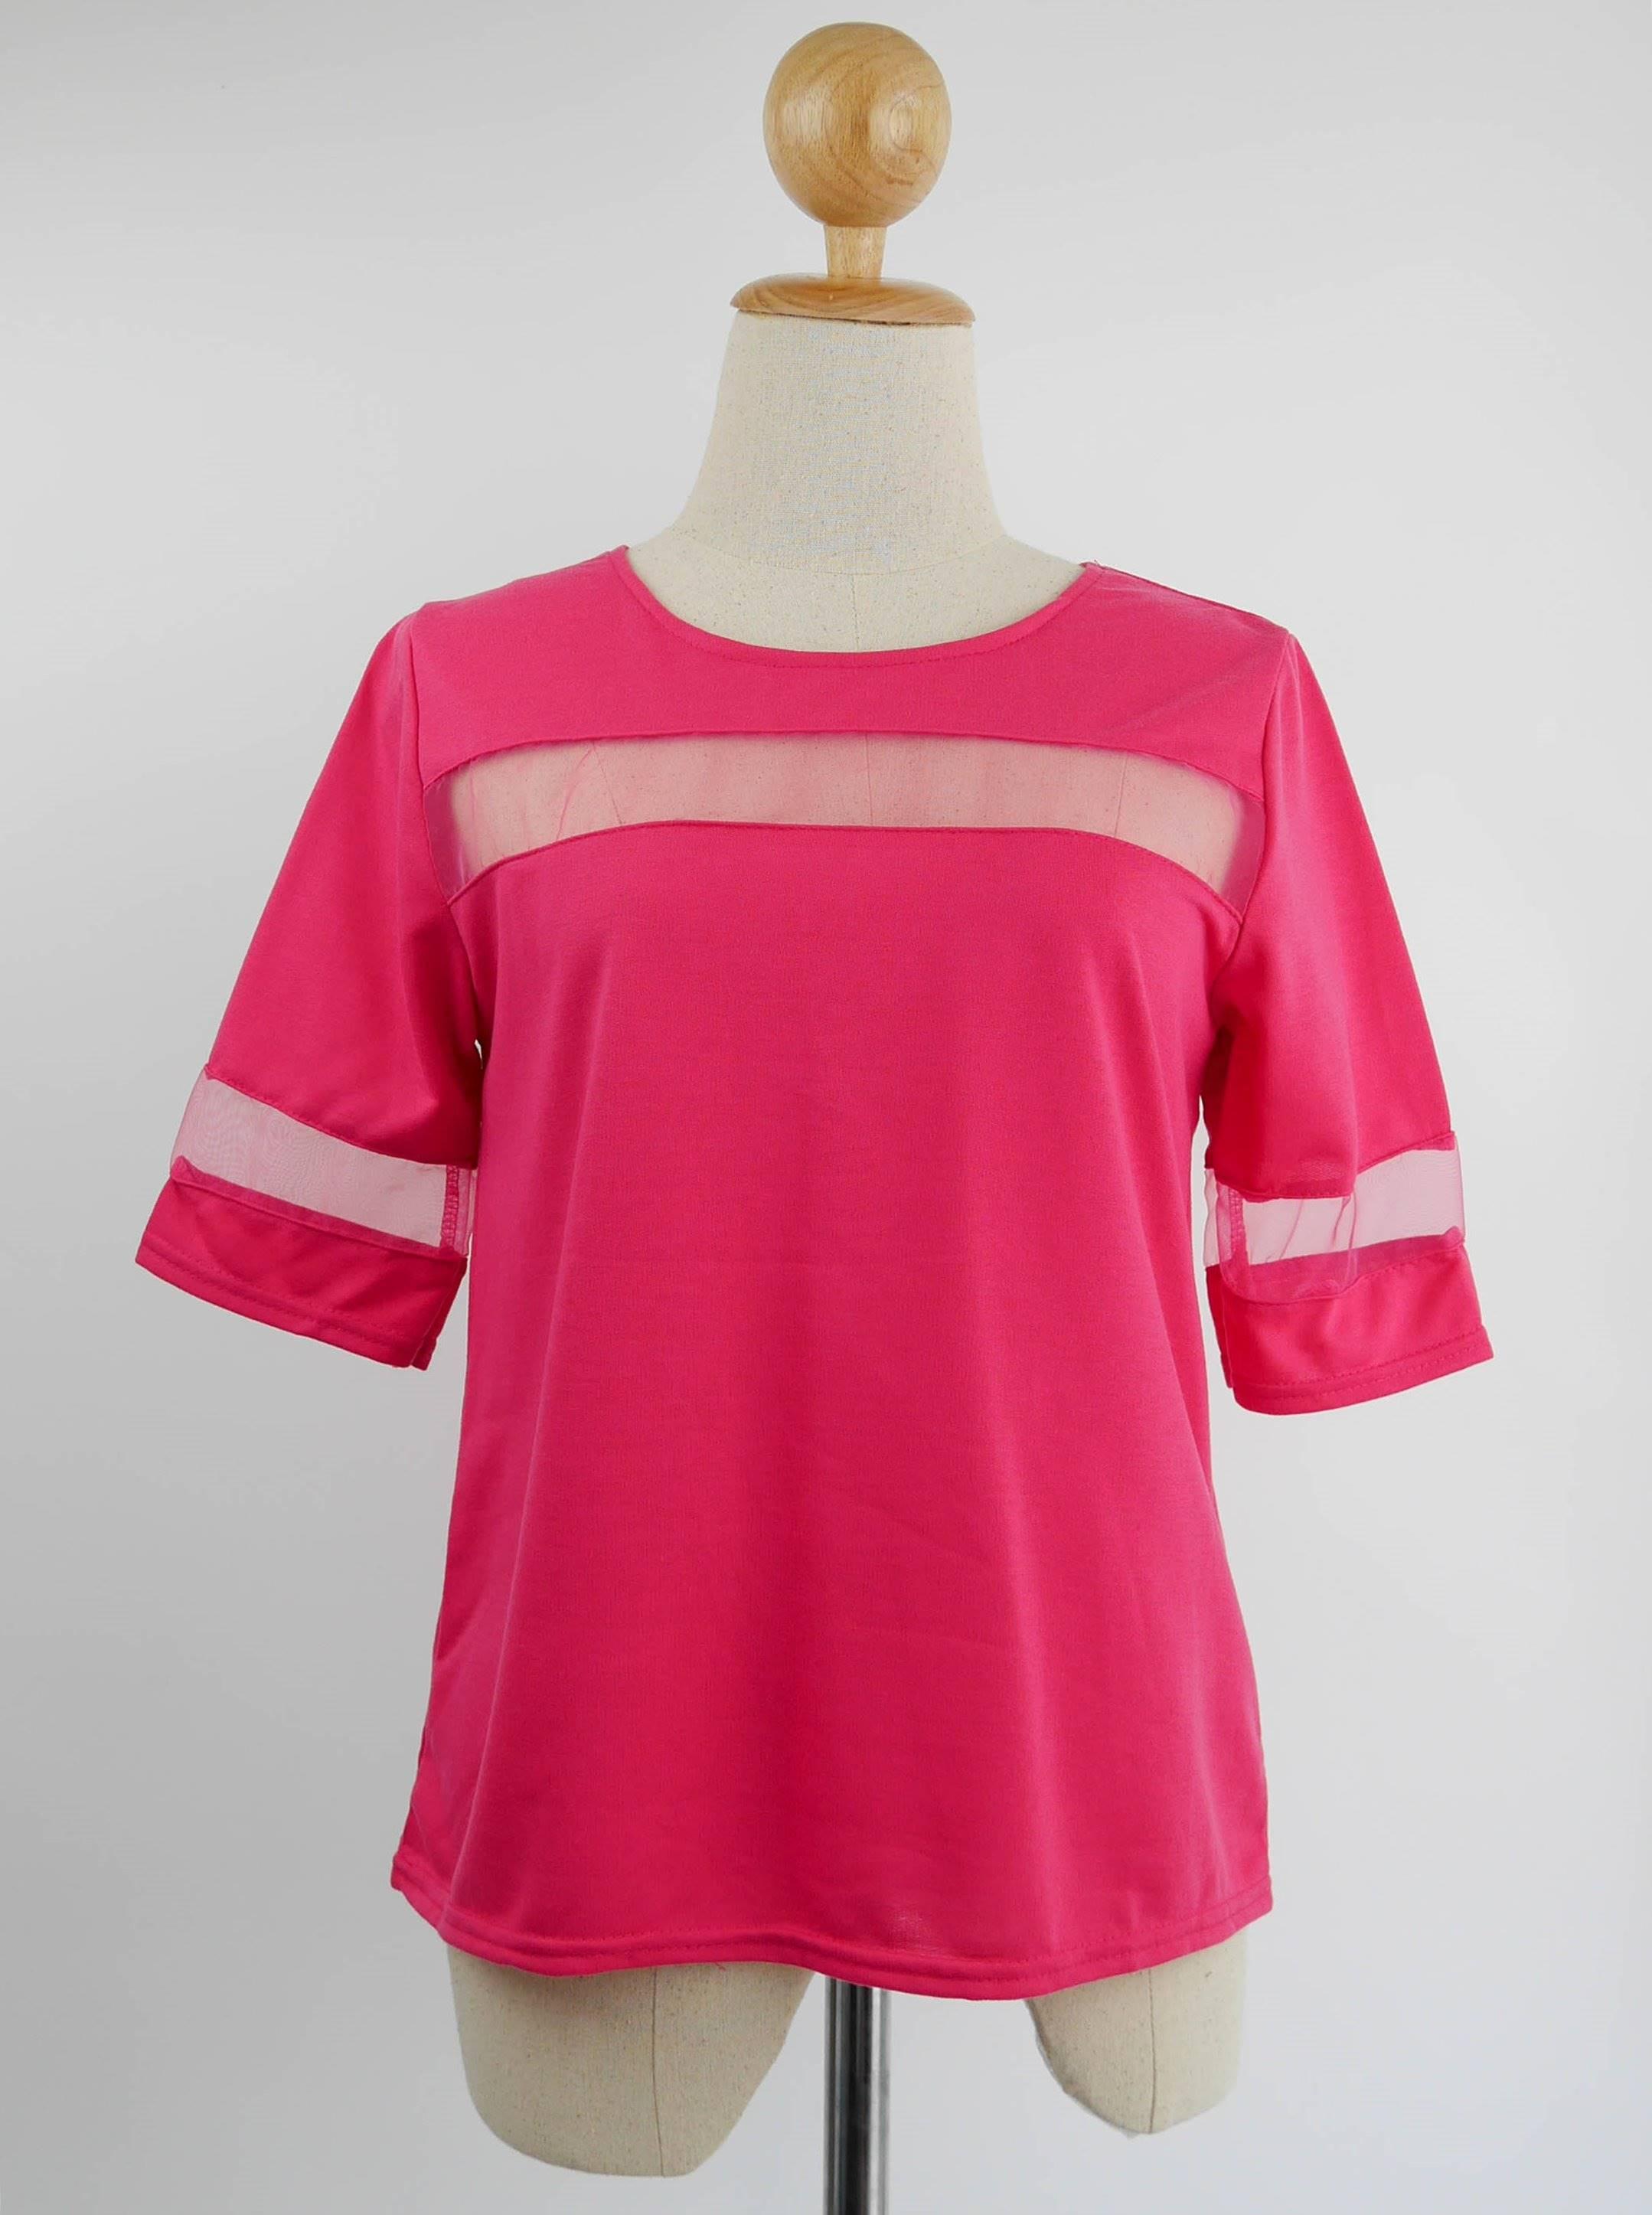 เสื้อแฟชั่น แต่งผ้าตาข่าย สีชมพู